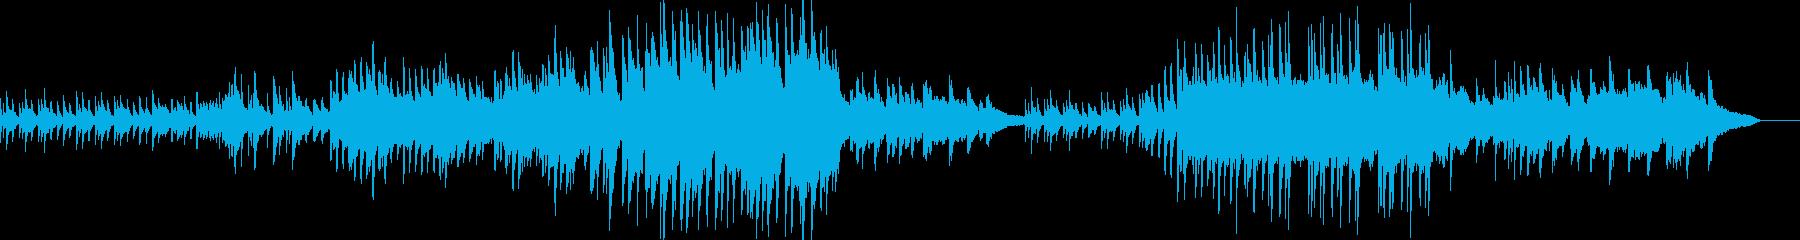 壮大で叙情的なピアノバラードの再生済みの波形